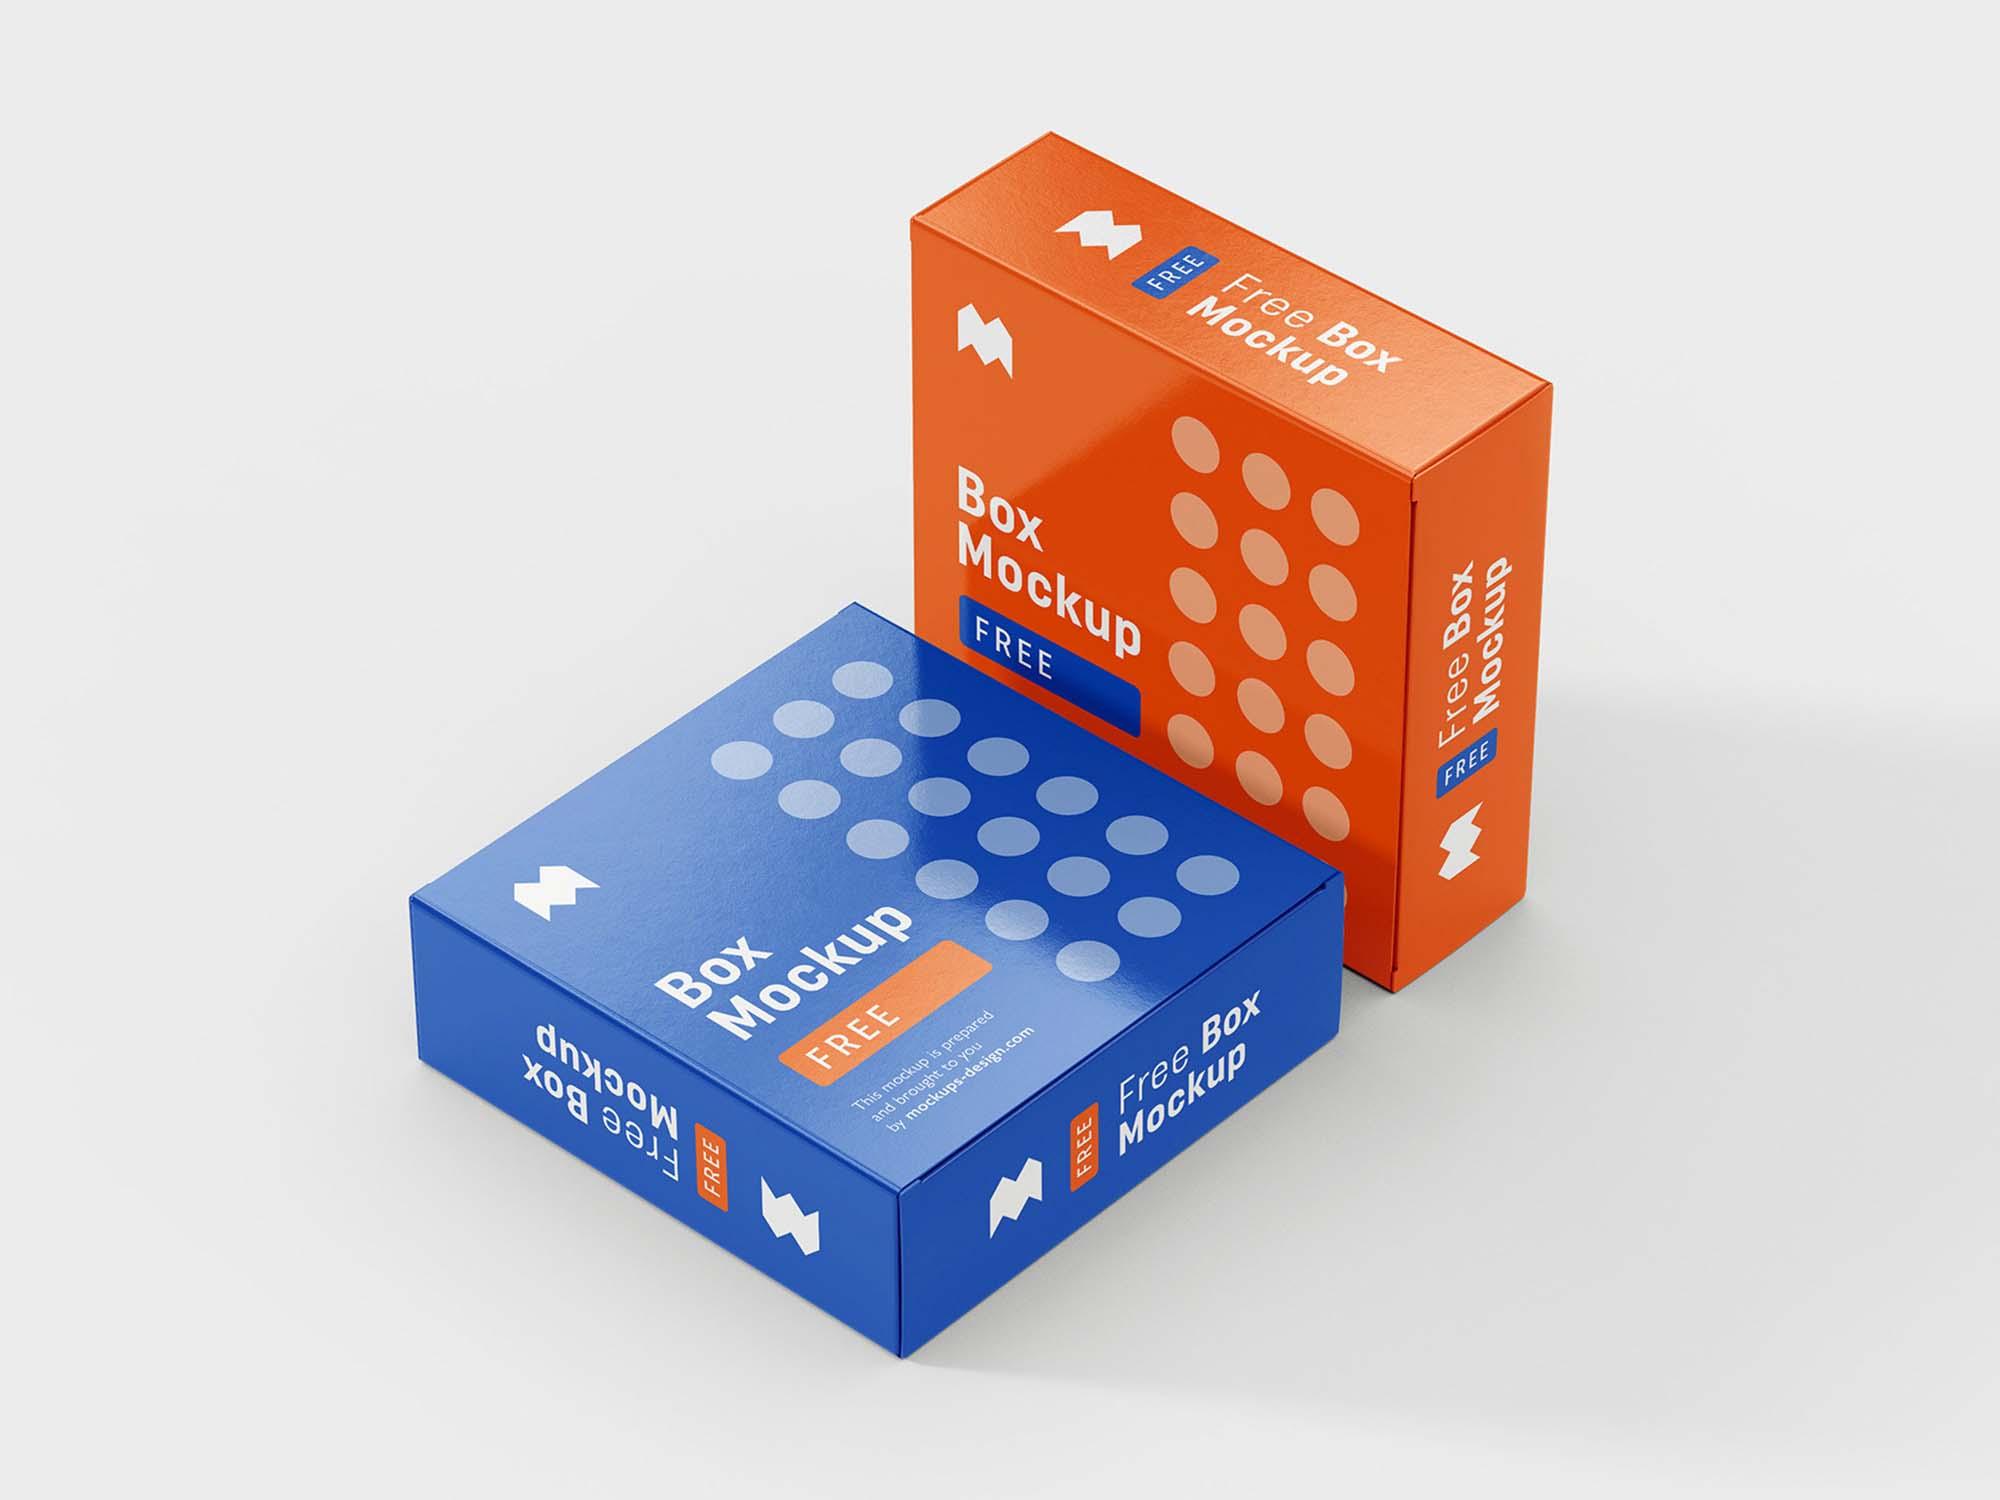 6 Angles Box Mockup 4